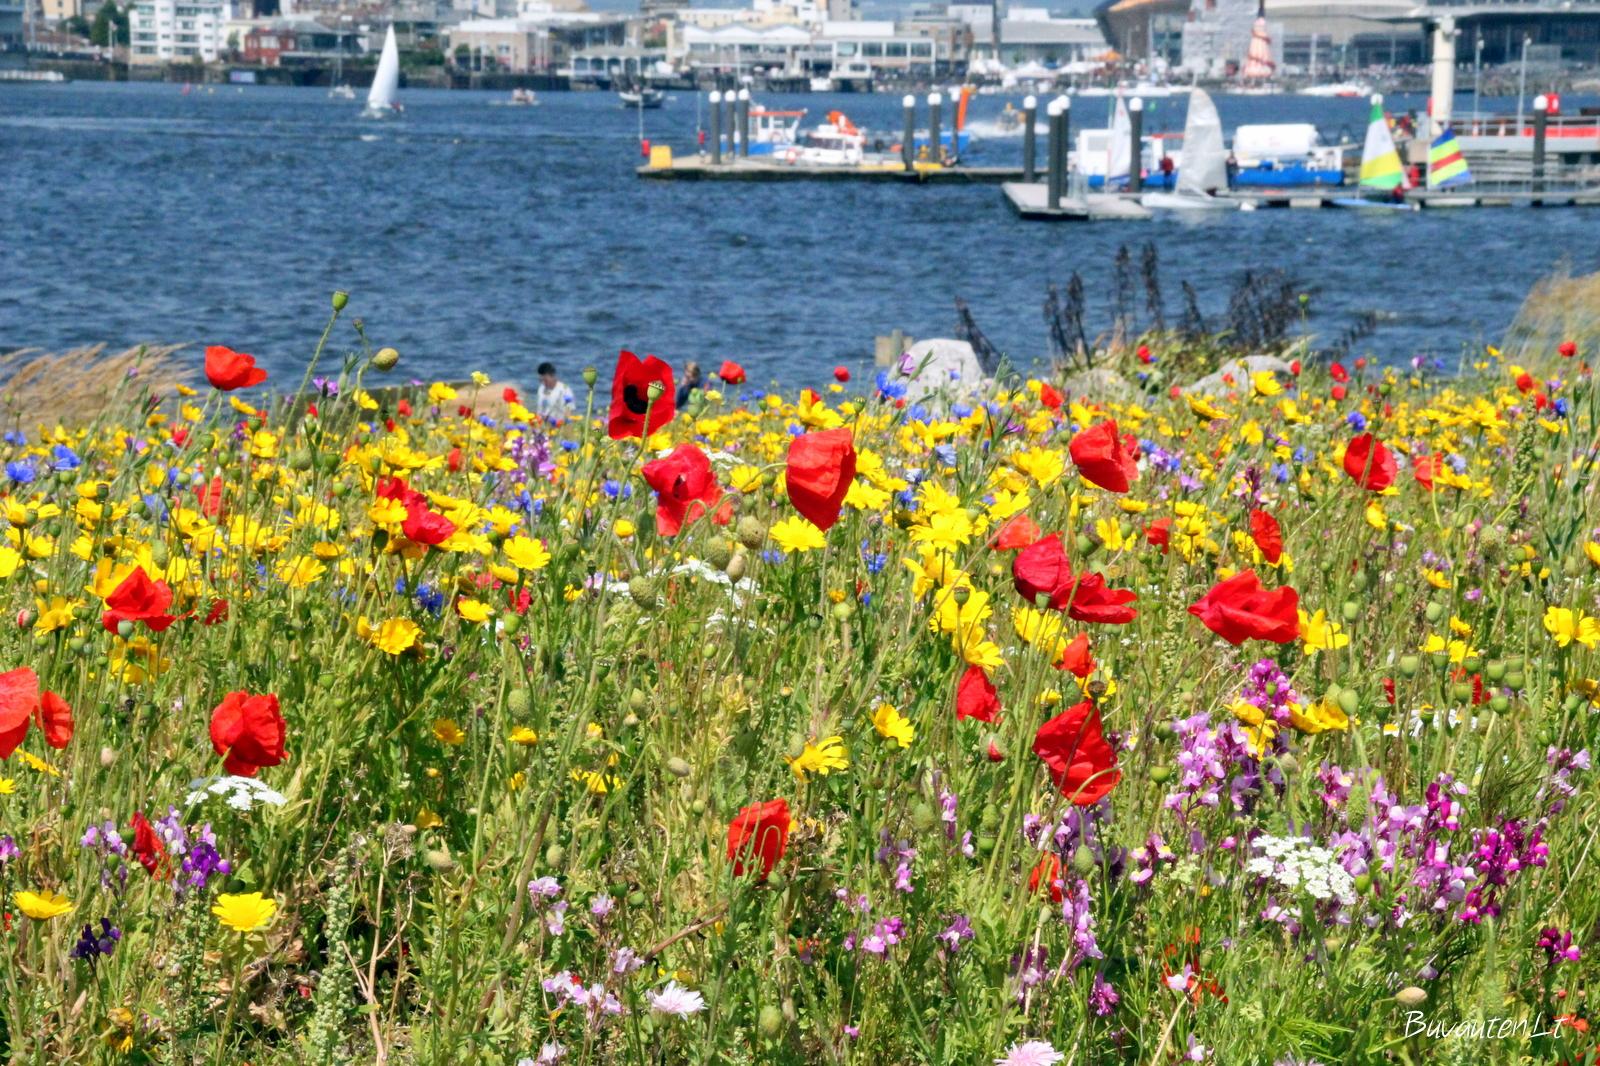 Laukinių gėlių pieva ir Kardifo įlanka